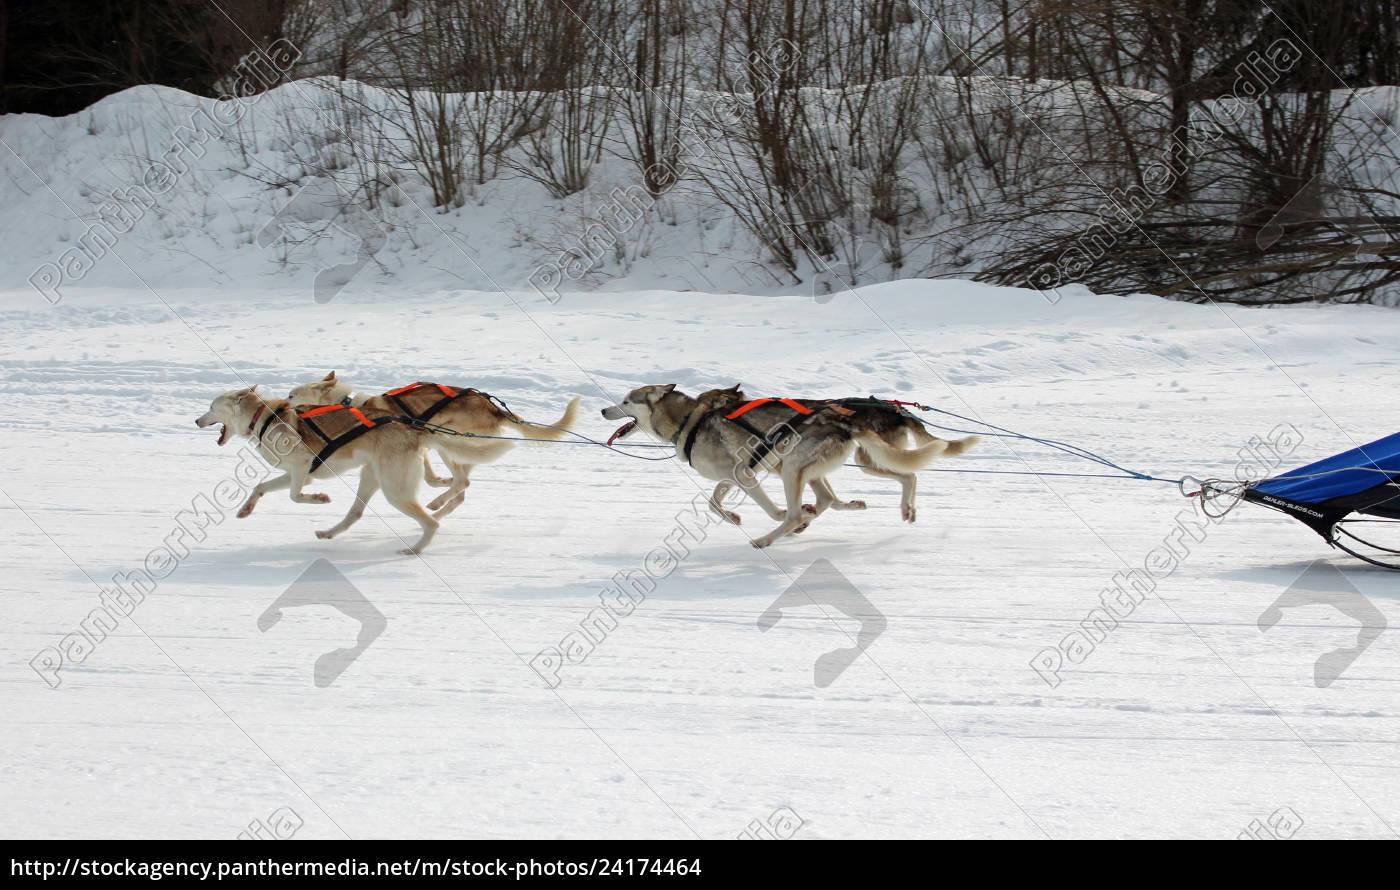 hund, , schlittenhunde, , husky, , polarhunde, , rennen, , schlittenhunderennen, - 24174464